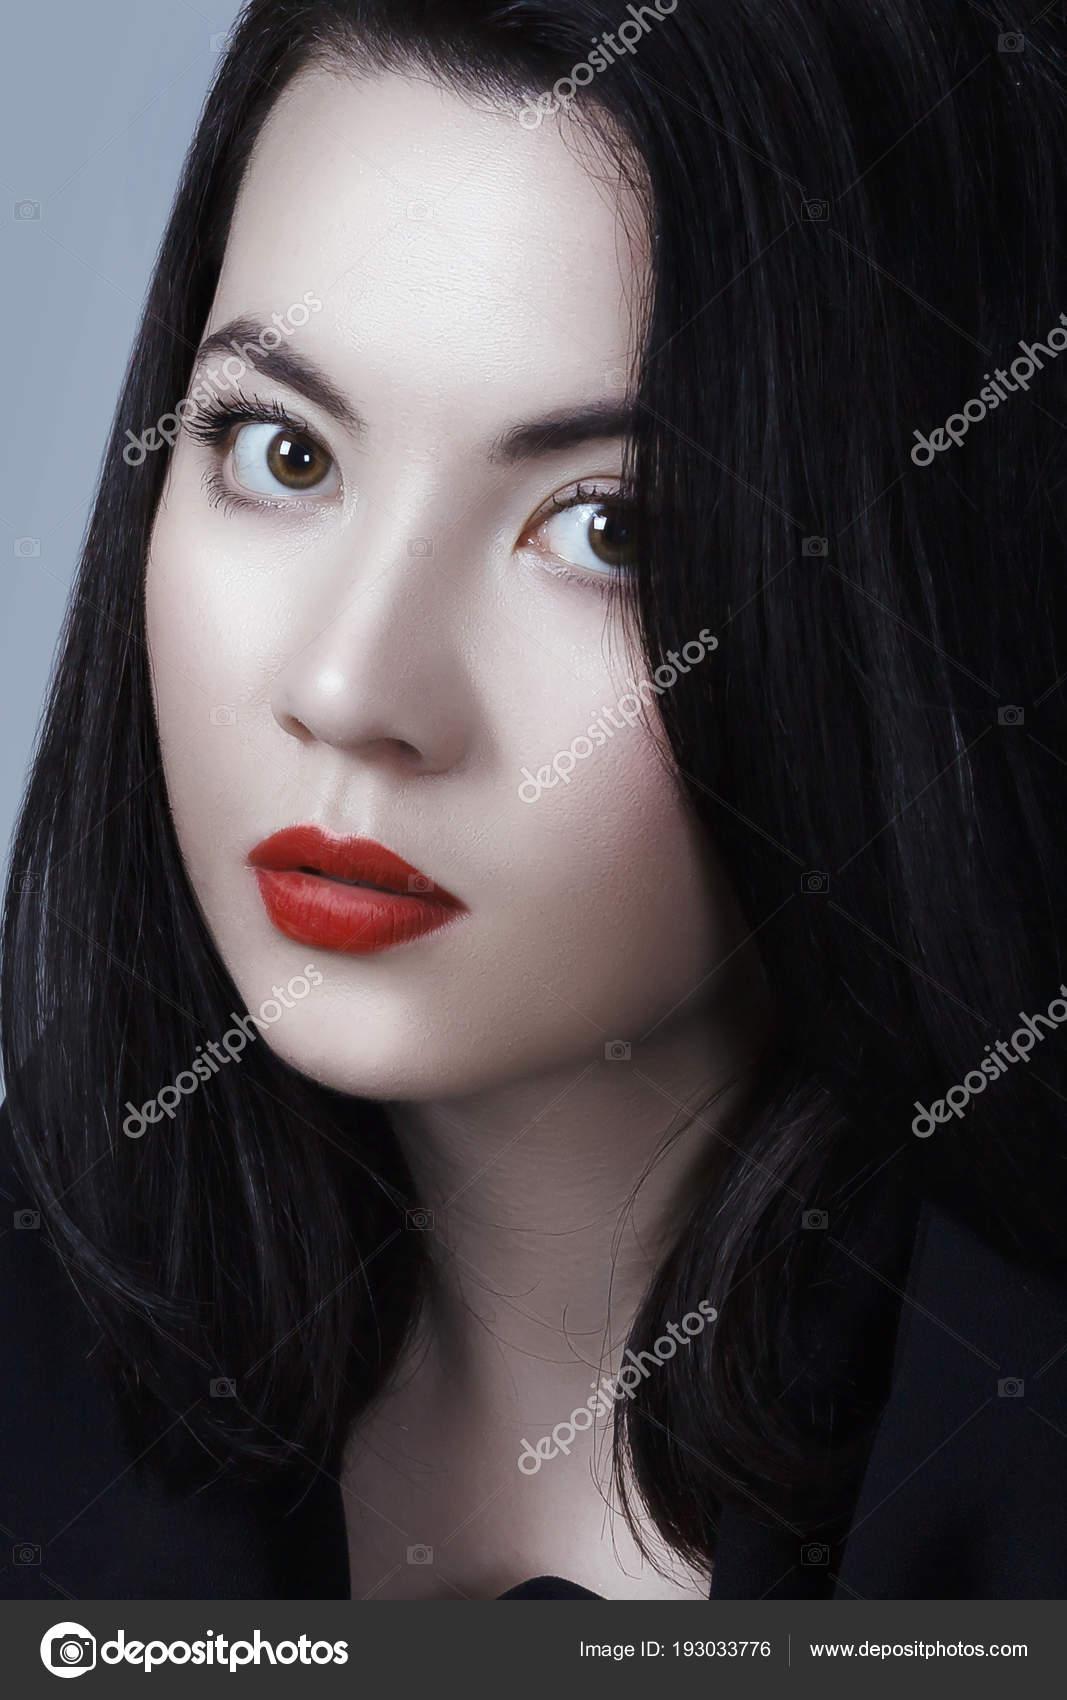 Beyaz Deri Kırmızı Dudaklar Ve Siyah Düz Saç Modeli Ile Genç